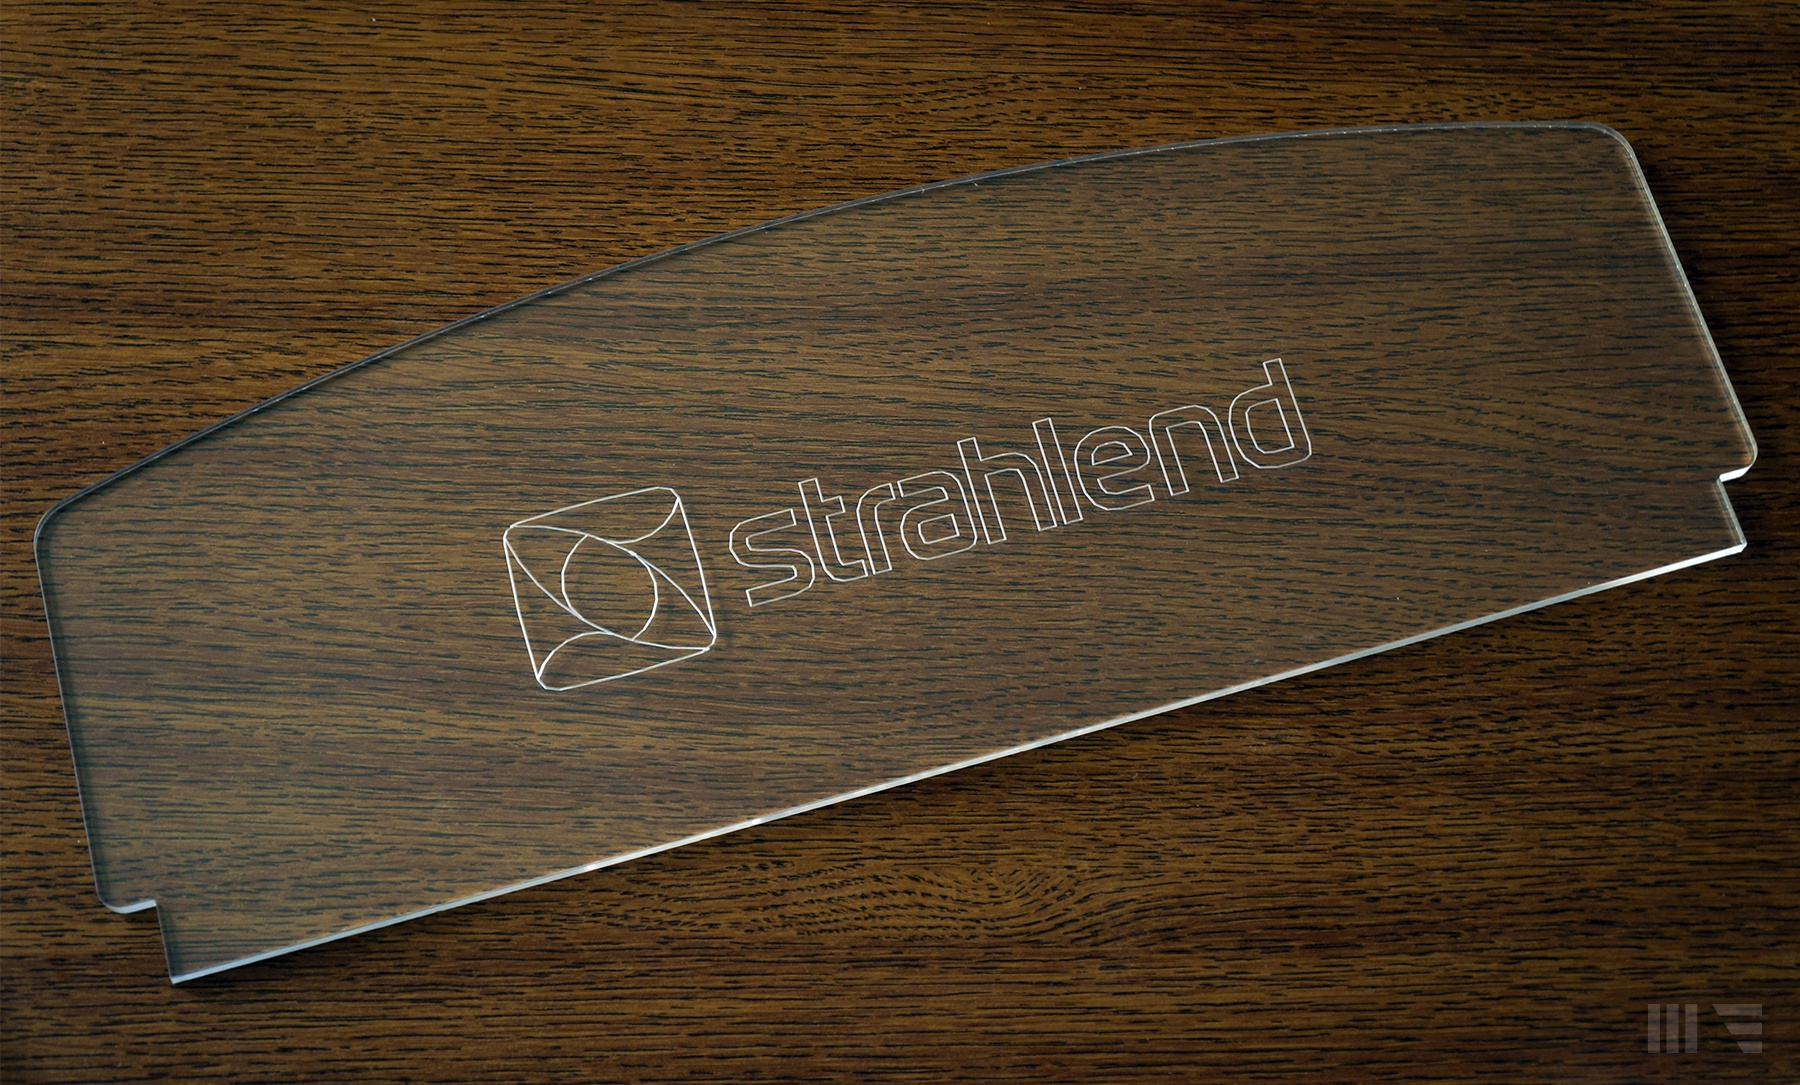 Strahlend logo acrylic glass large